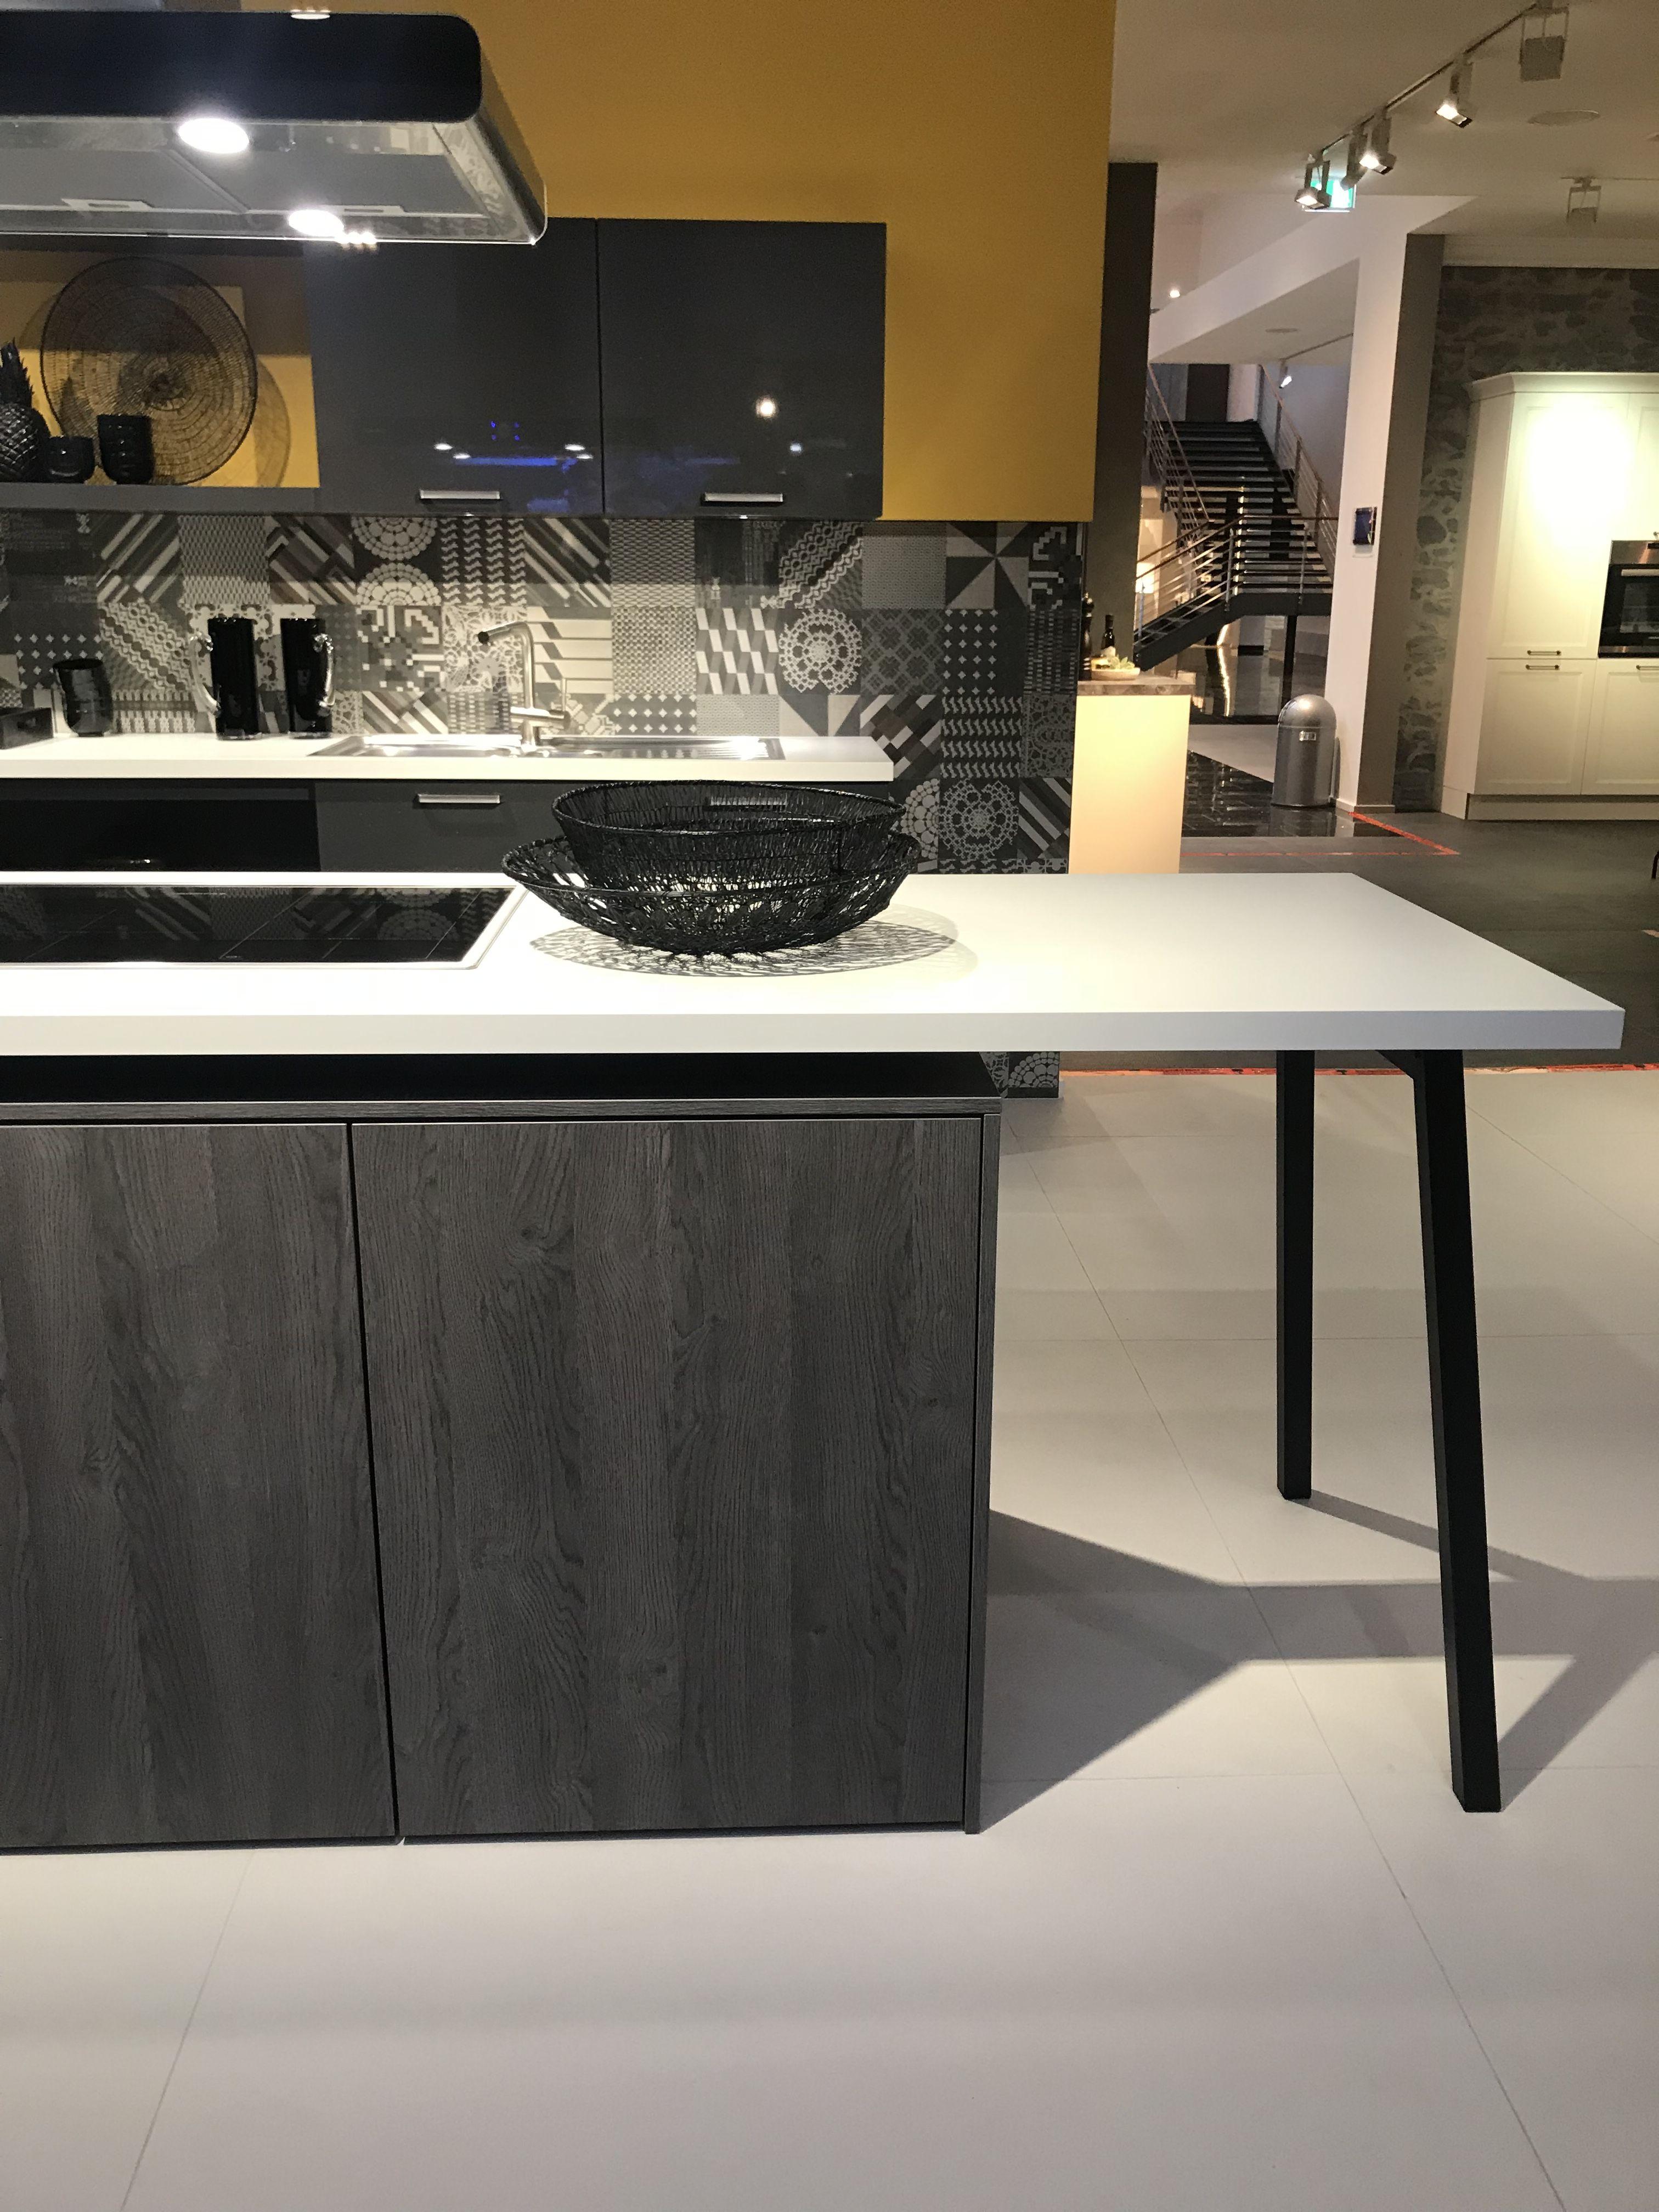 Die Arbeitsplatte Als Tisch Mit Integriertem Kochfeld. Phantastische Idee  Für